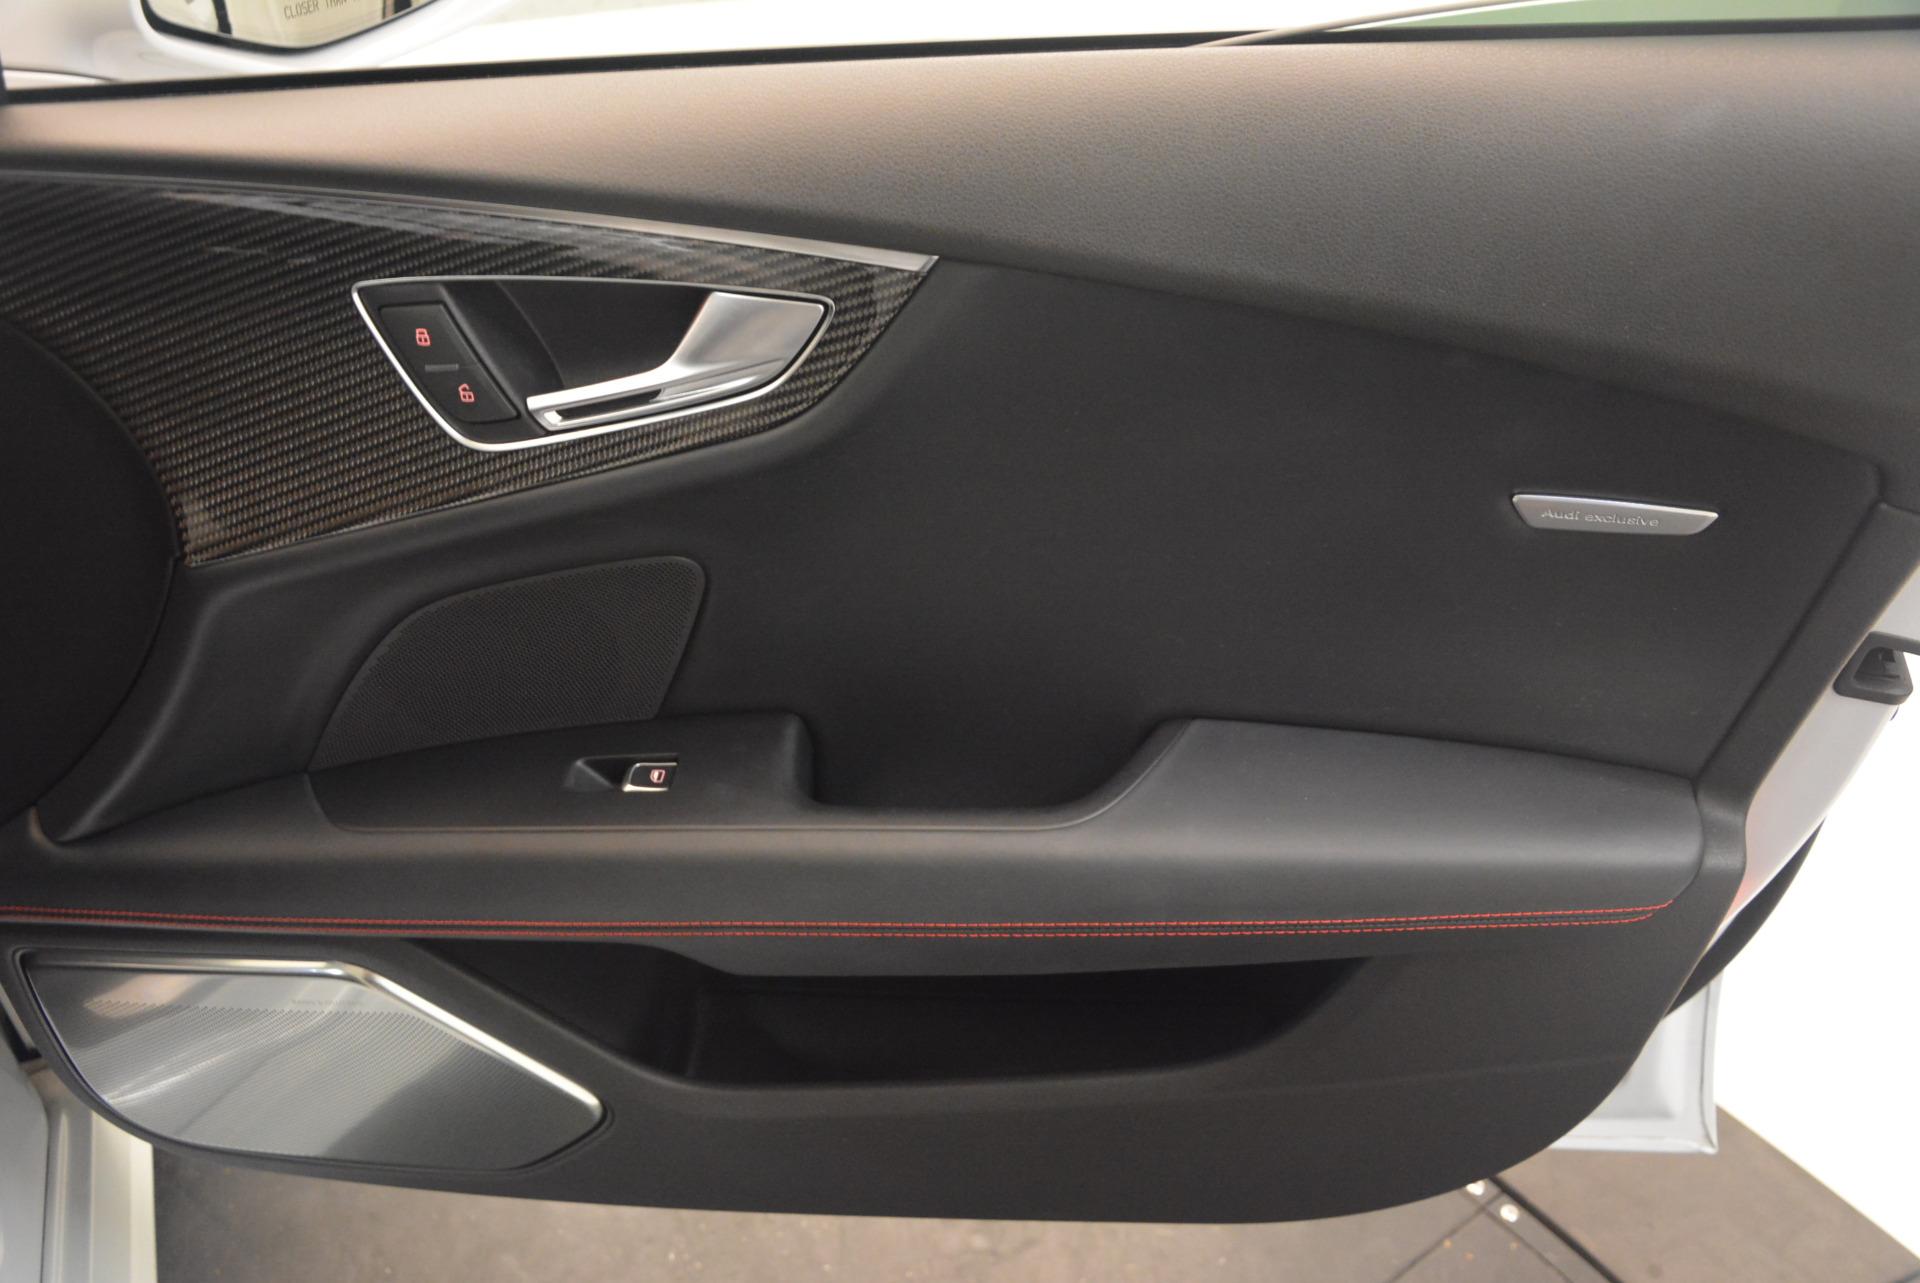 Used 2014 Audi RS 7 4.0T quattro Prestige For Sale In Greenwich, CT 1262_p40